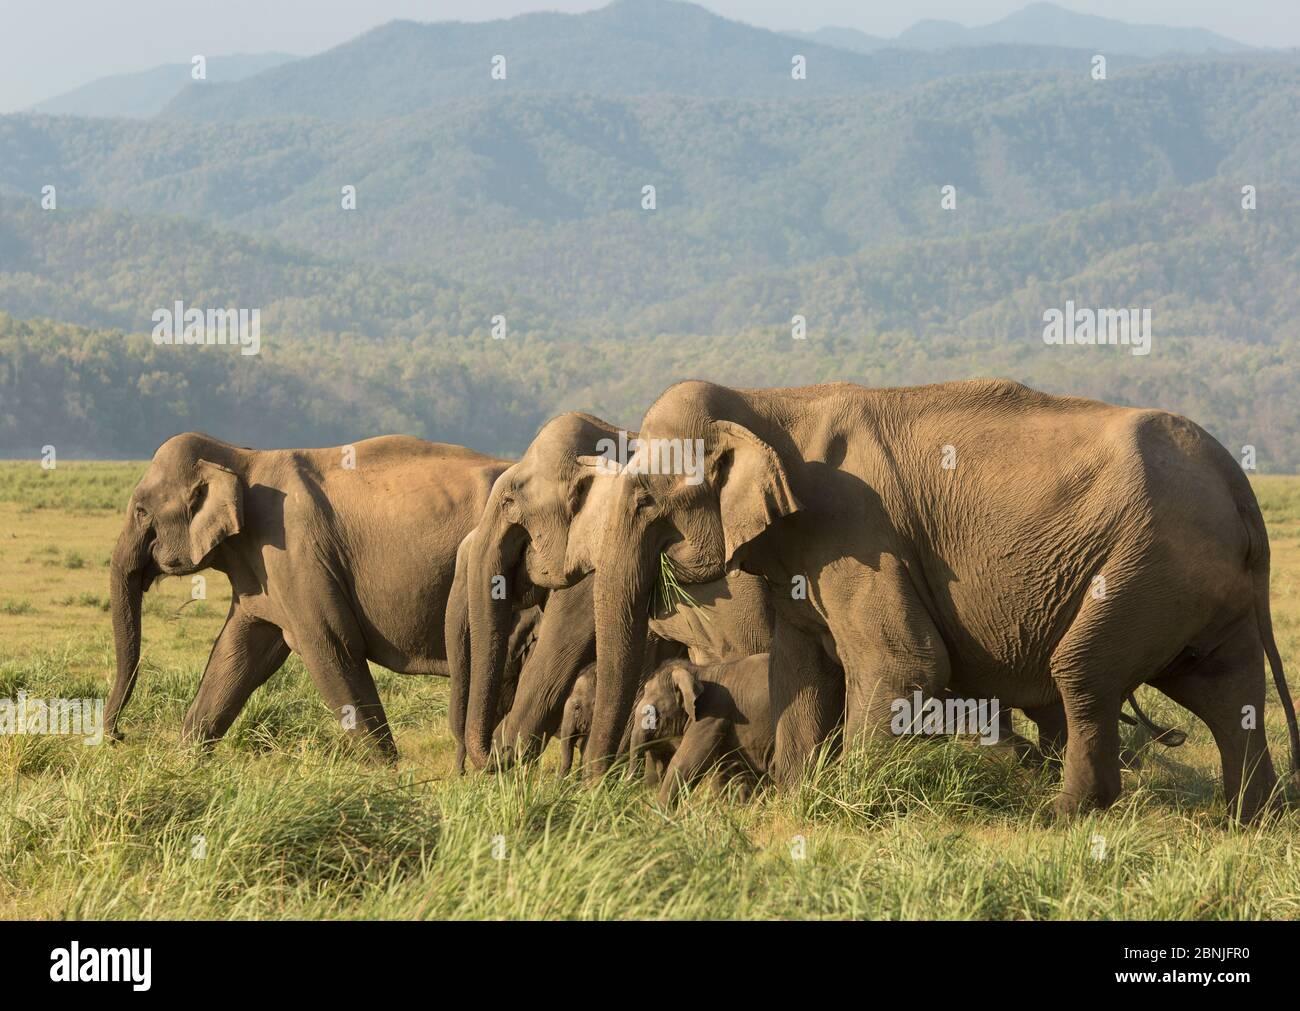 Éléphant asiatique (Elepha maxima), troupeau se nourrissant sur l'herbe. Parc national Jim Corbett, Inde. Banque D'Images